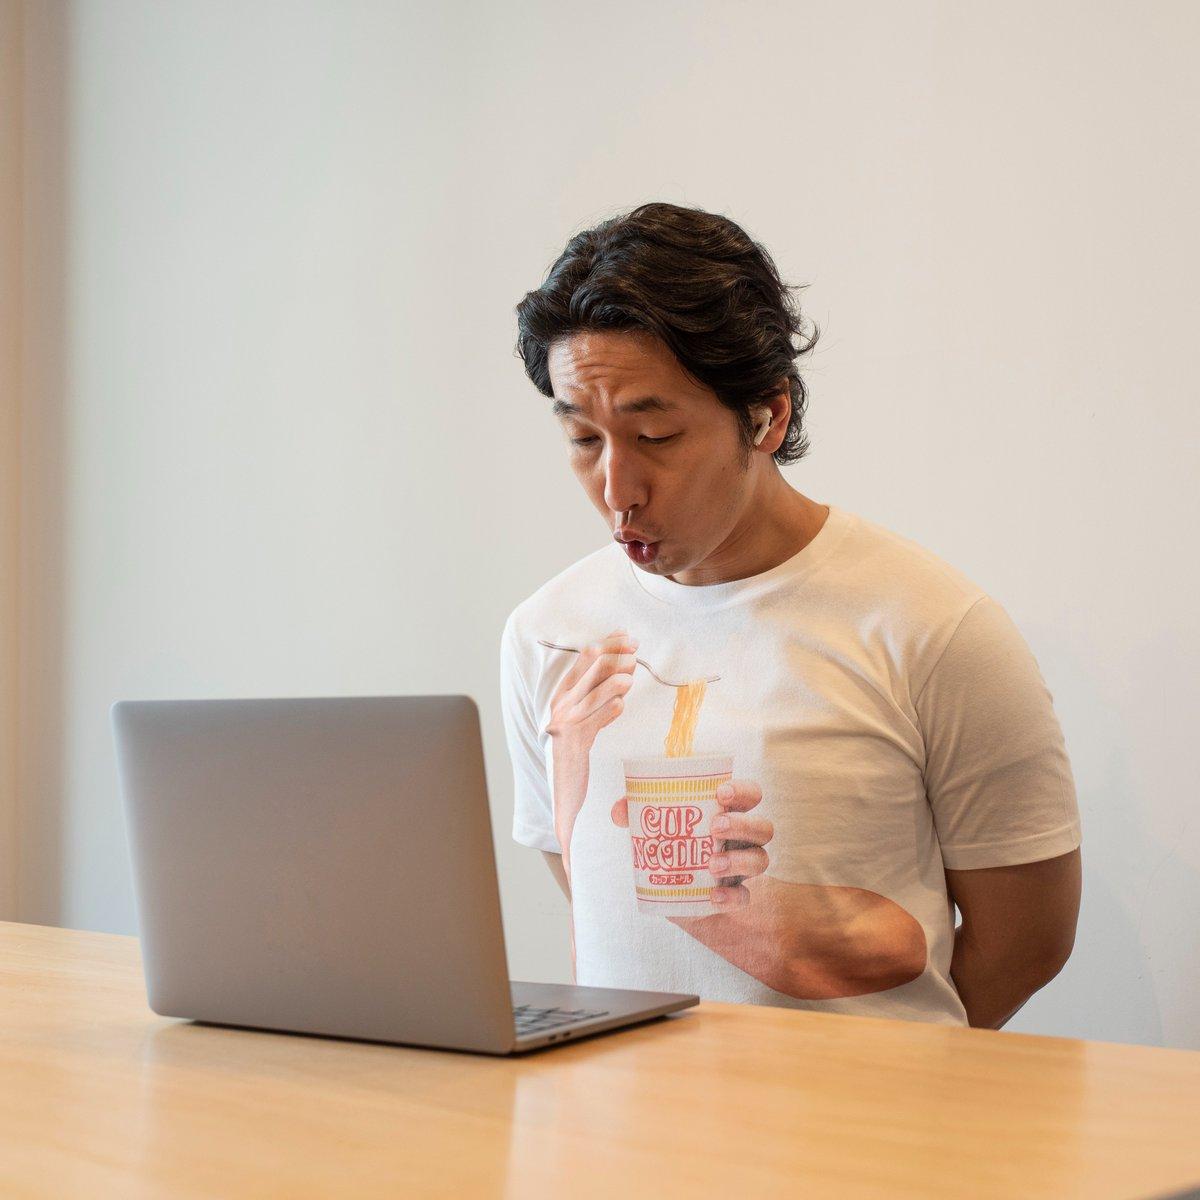 オンライン会議中に怒られる?カップヌードル食べている風Tシャツ!